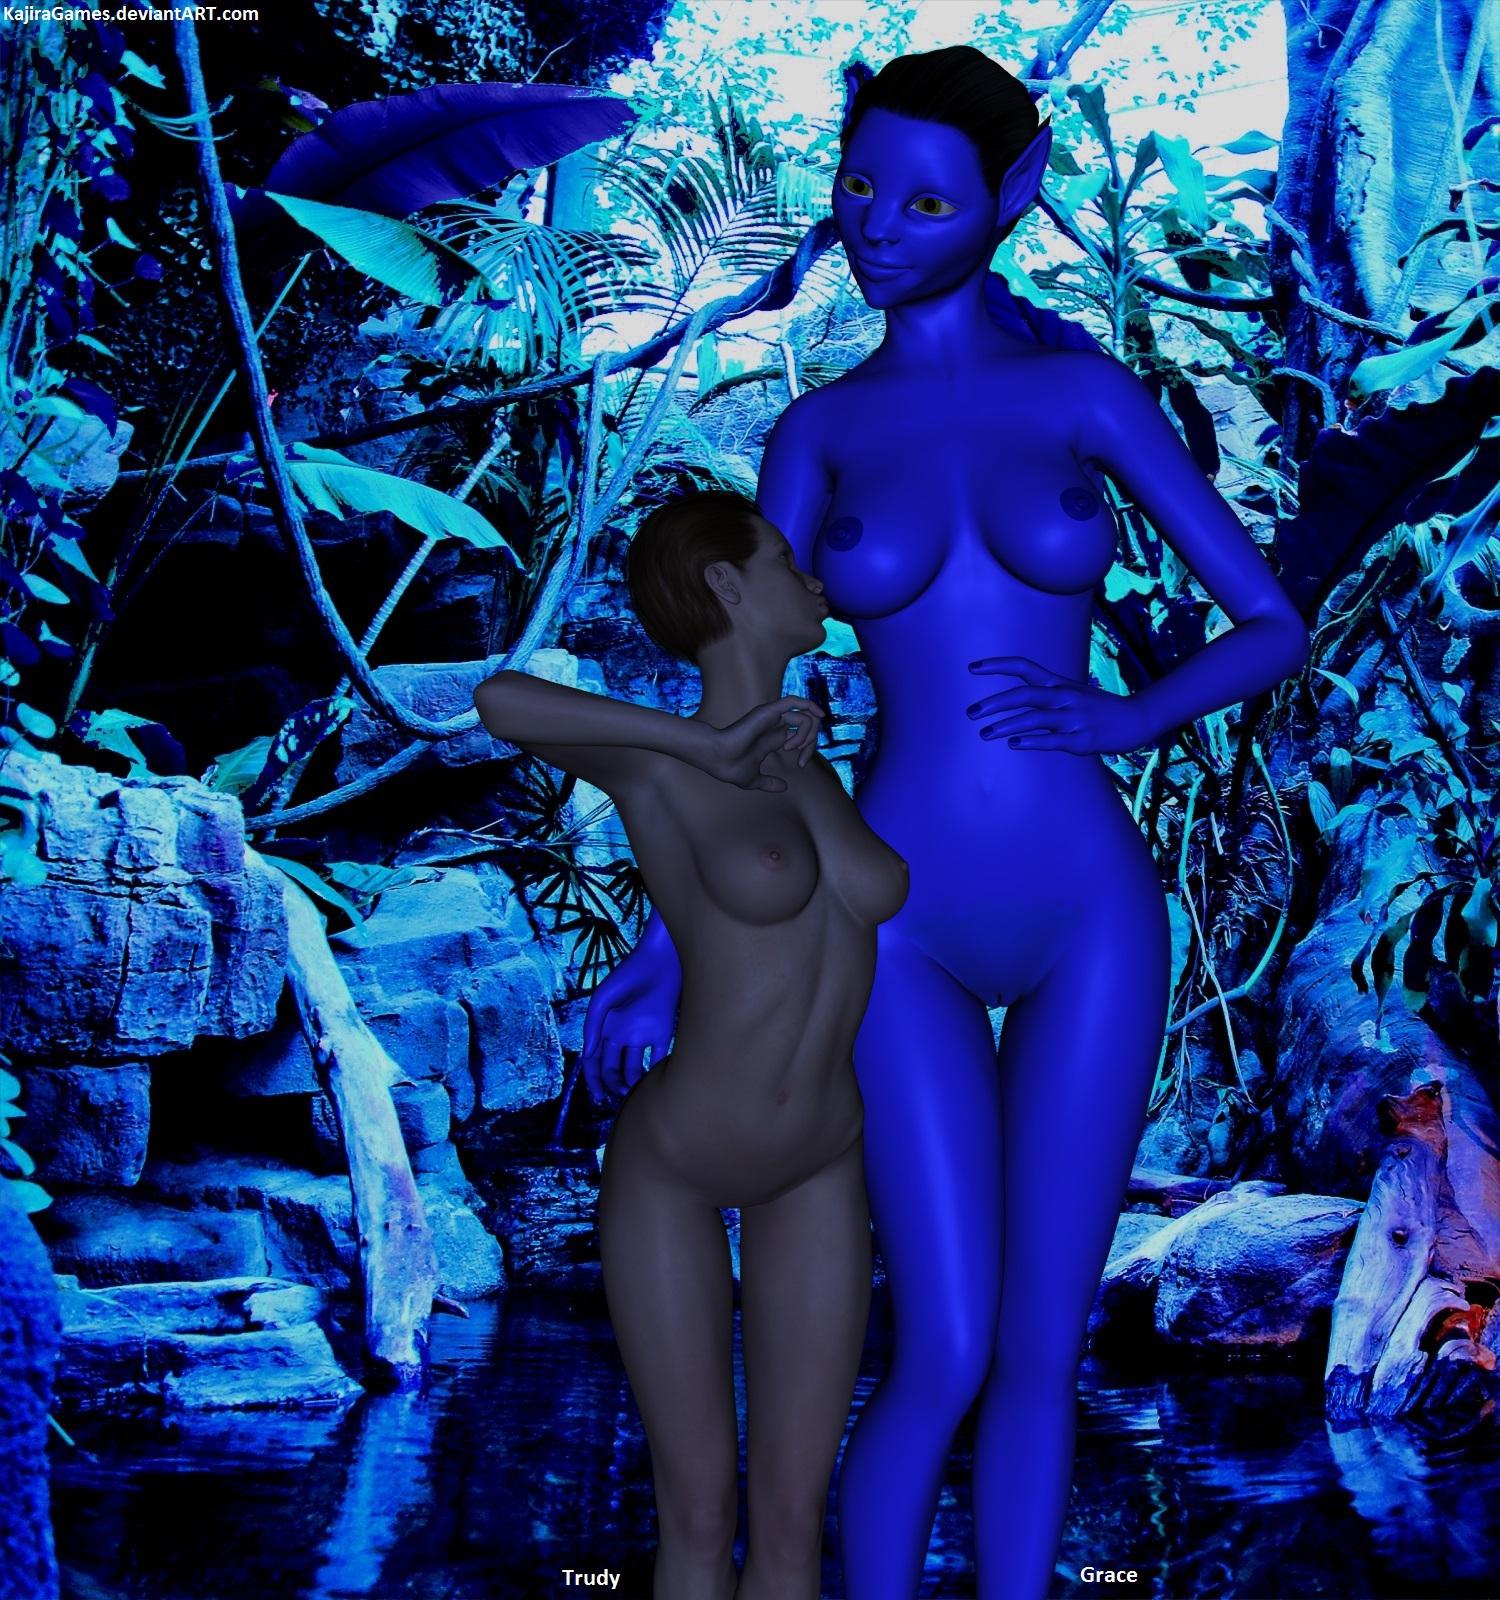 Nude avatar movie image naked image